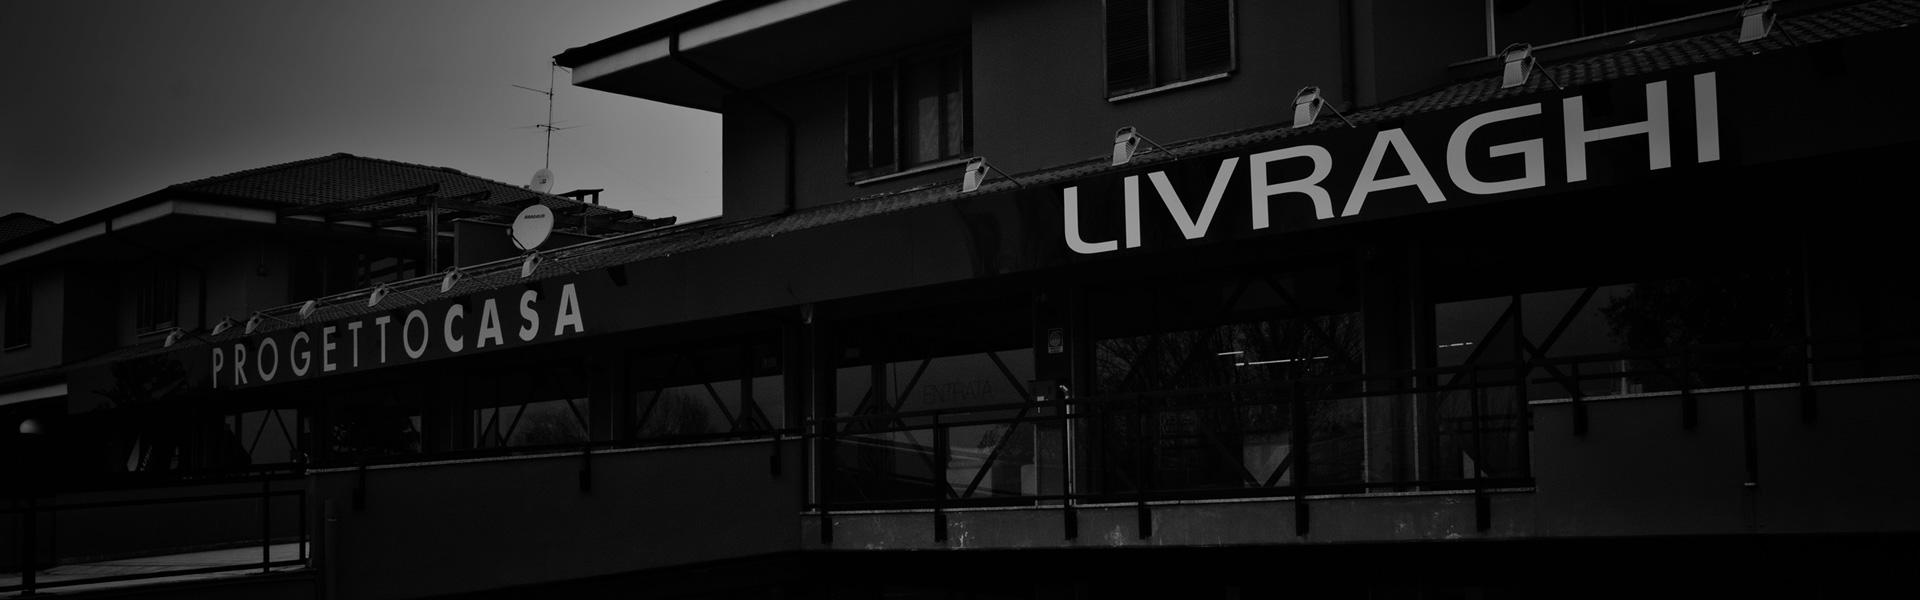 Livraghi Progetto Casa - homepage